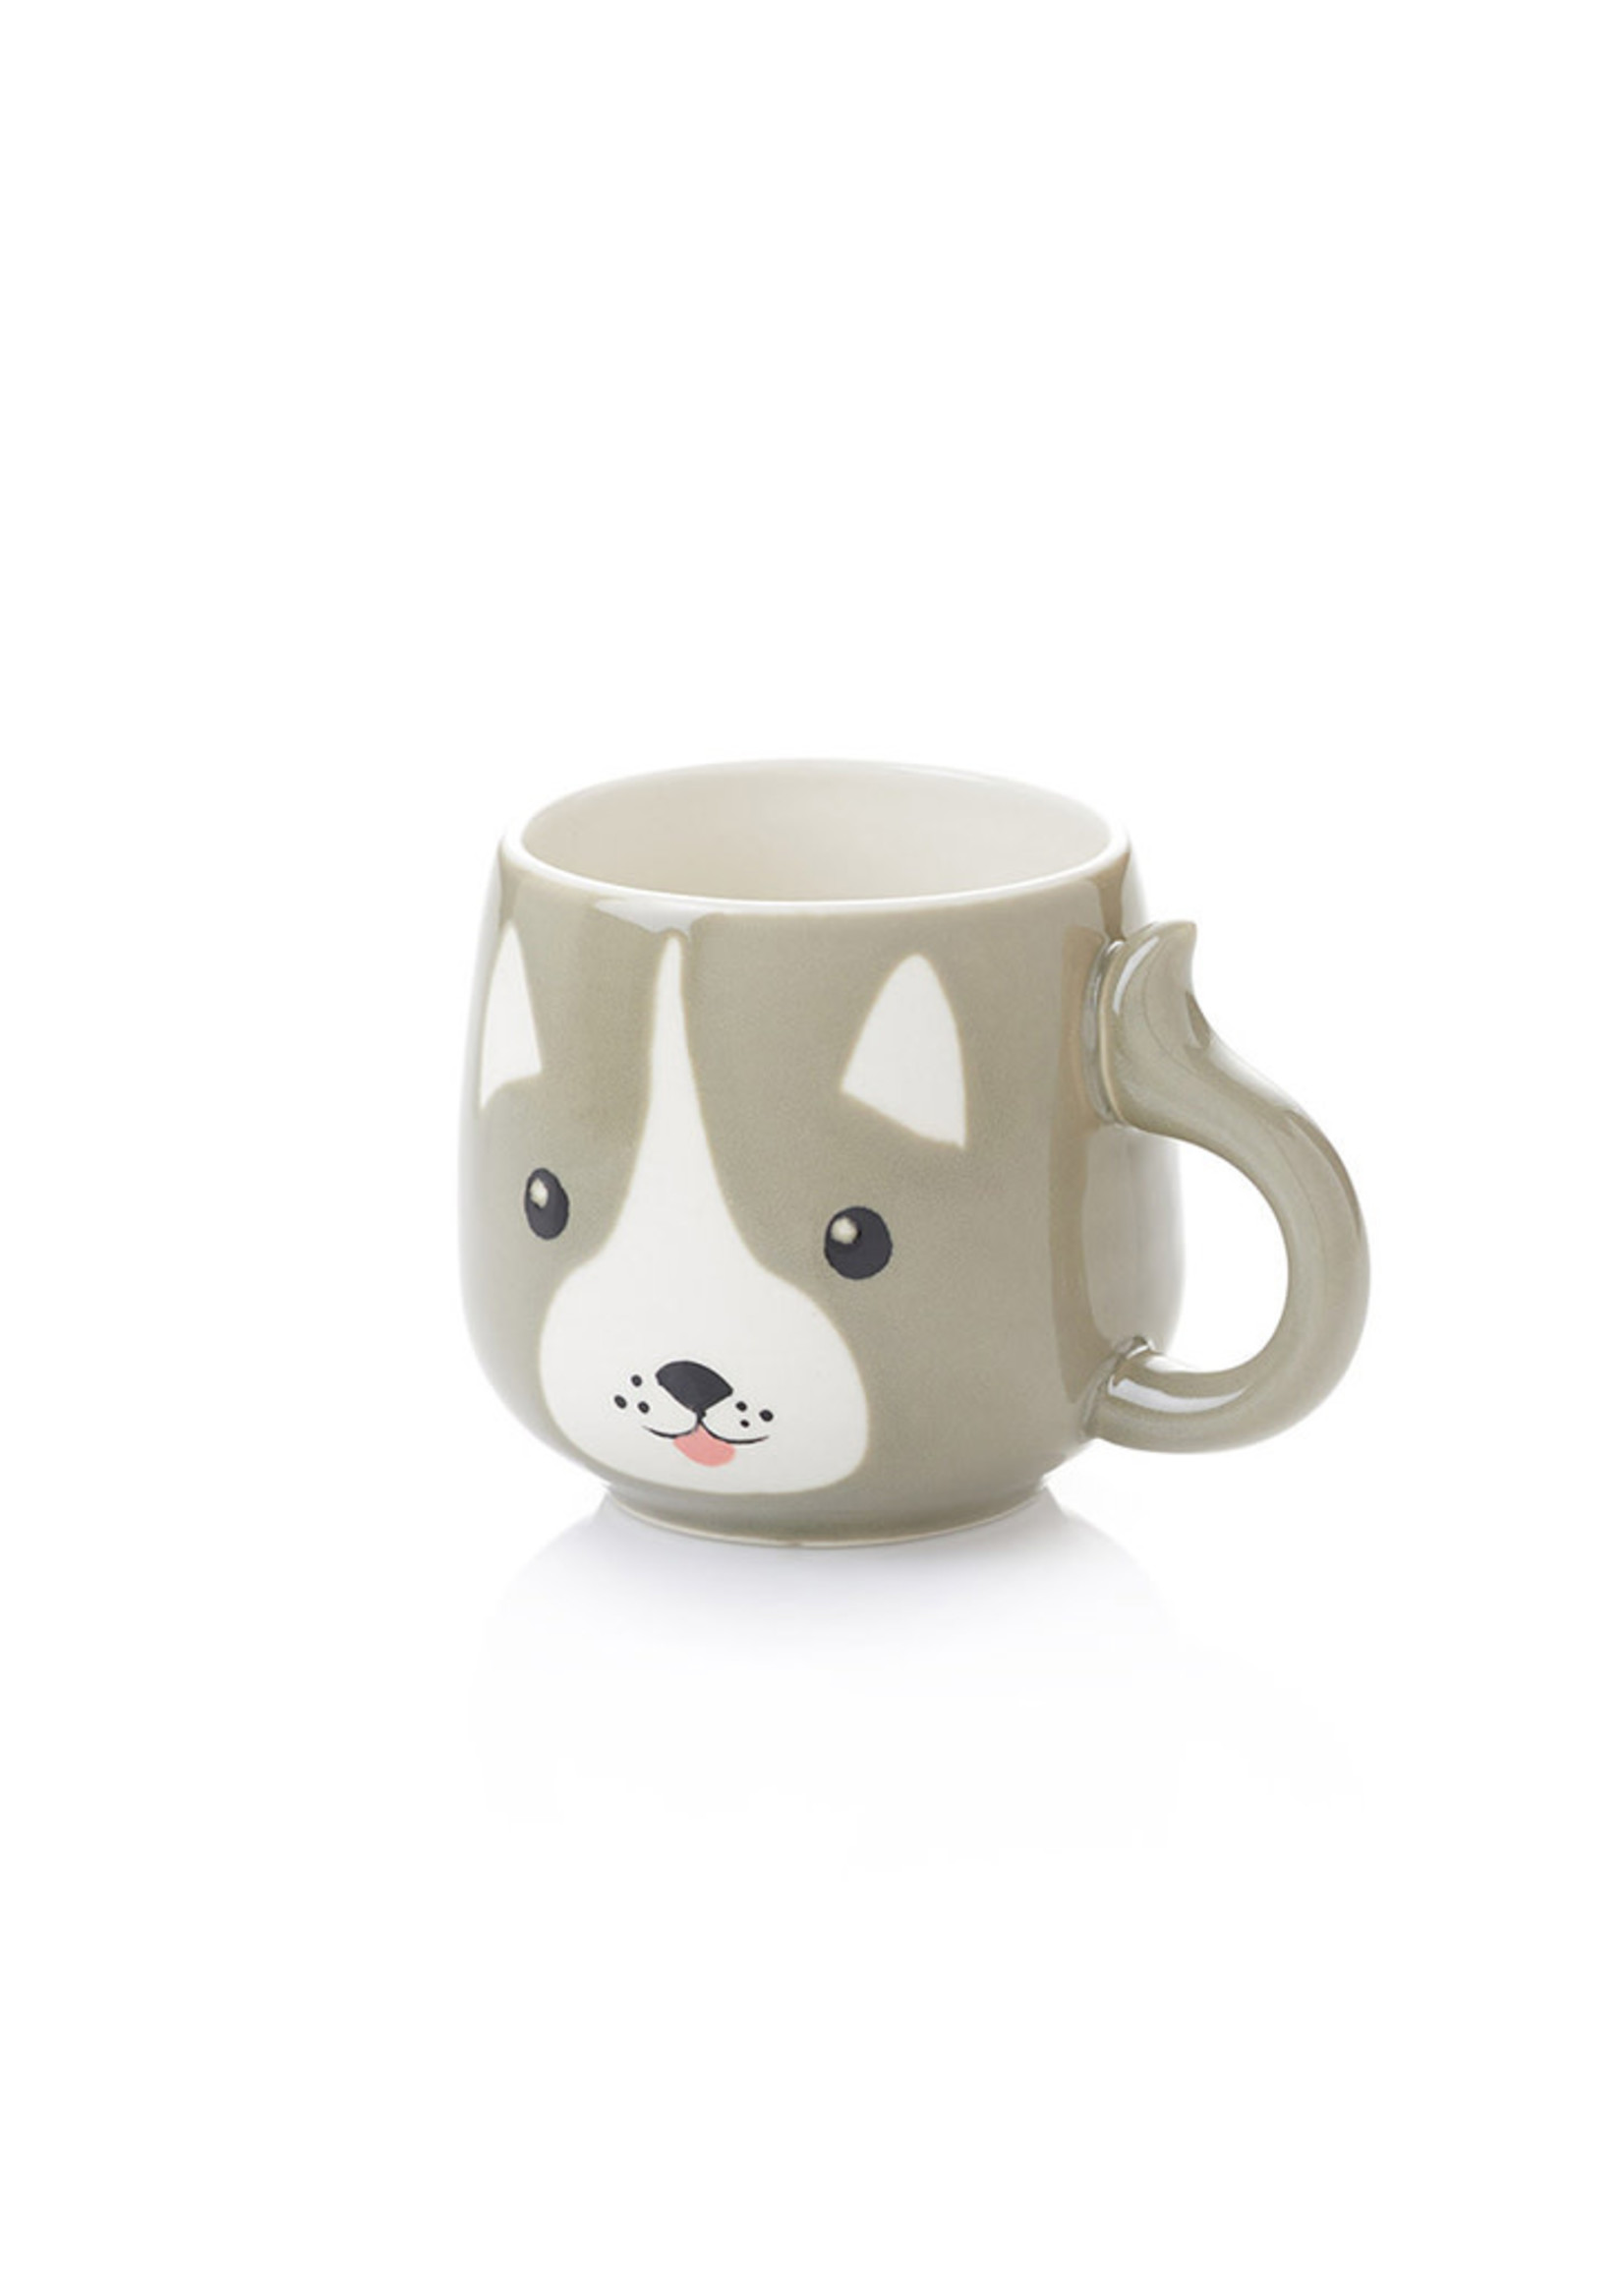 Husky Pup Mug